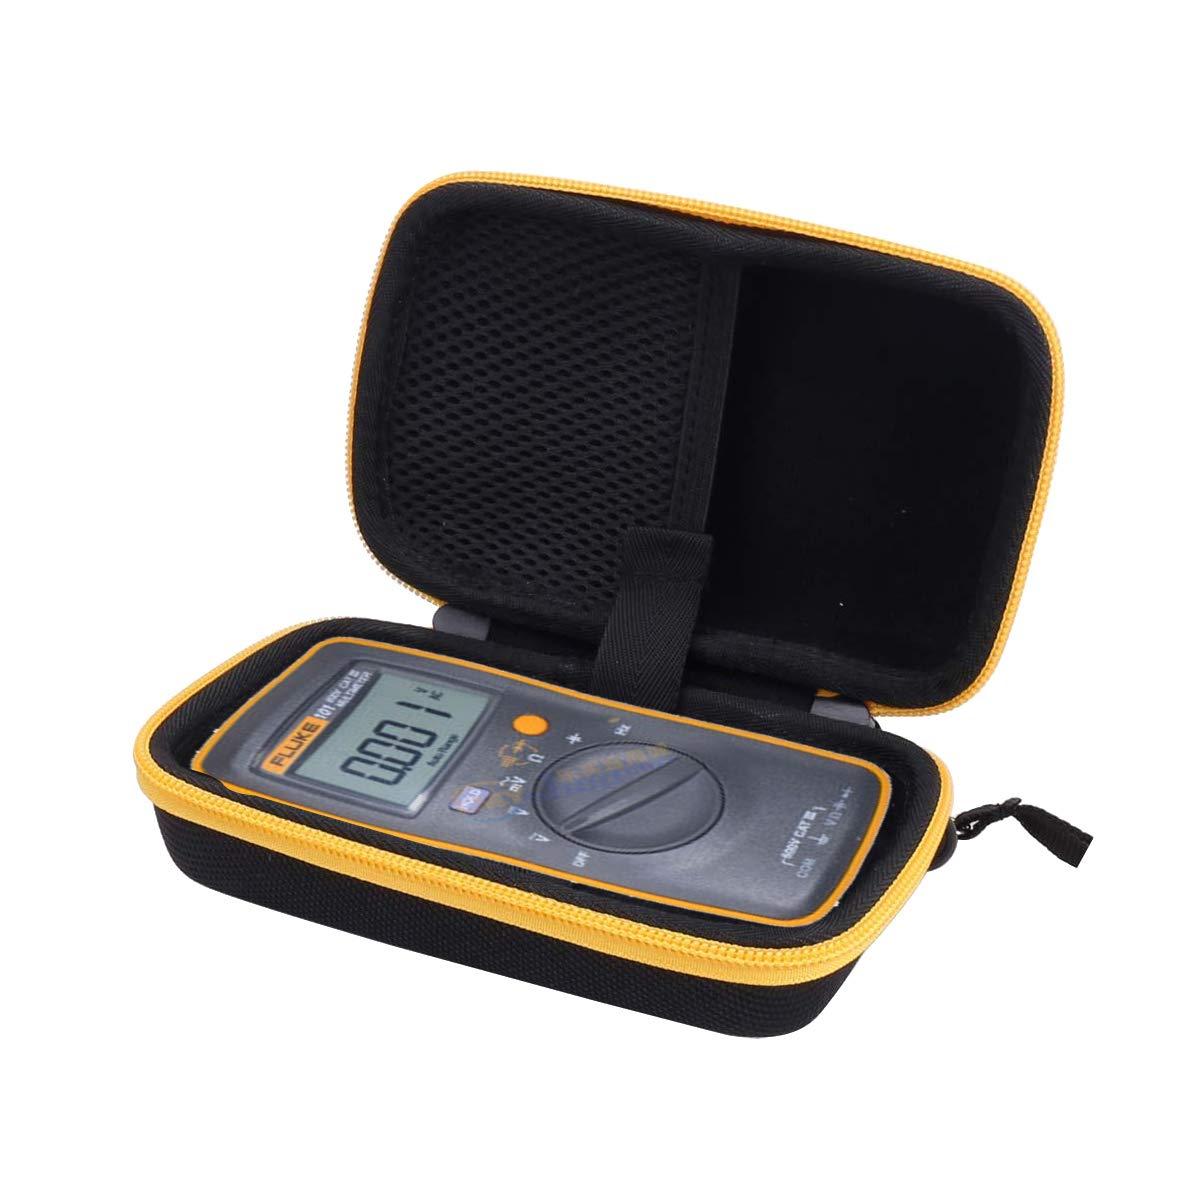 Aenllosi Hard Case for Fluke 101/106/107 Handheld Digital Multimeter by Aenllosi